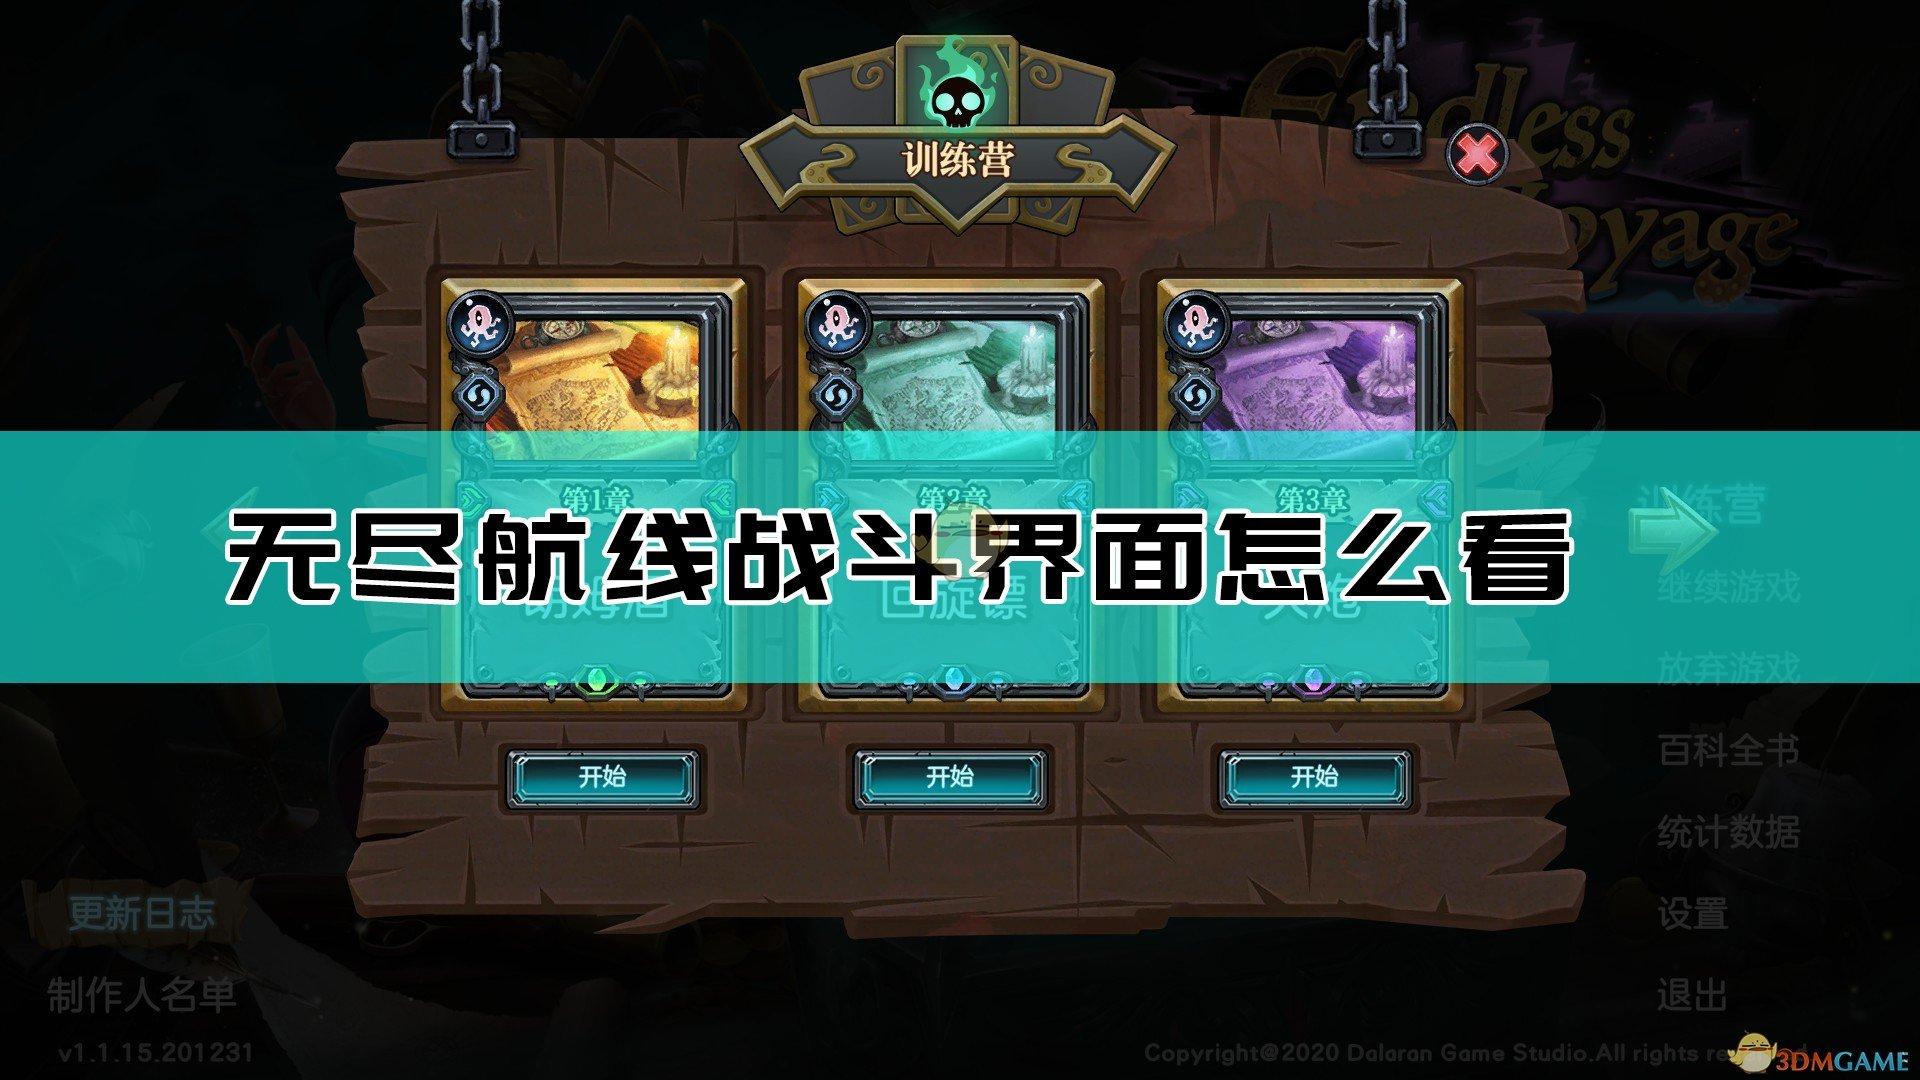 《无尽航线》战斗界面介绍